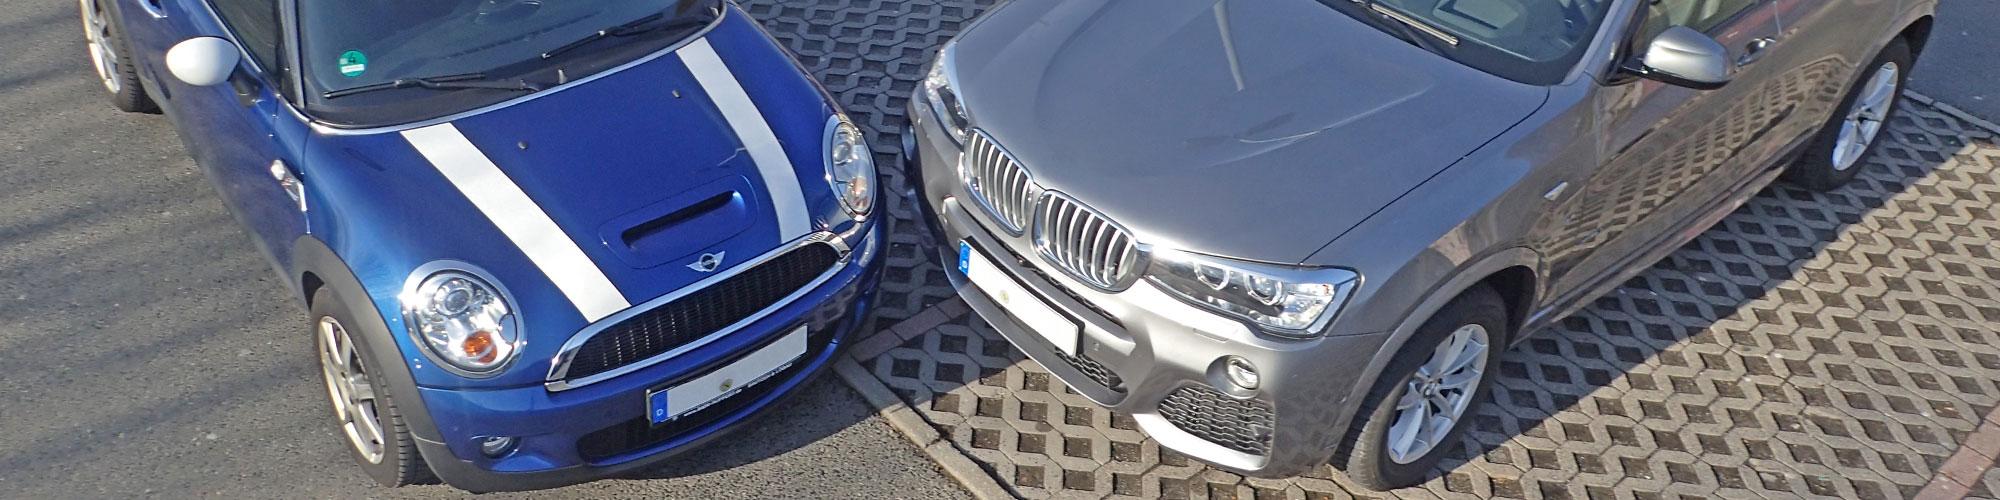 Zwei Autos stehen im rechten Winkel sehr nah beieinander auf einem Parkplatz